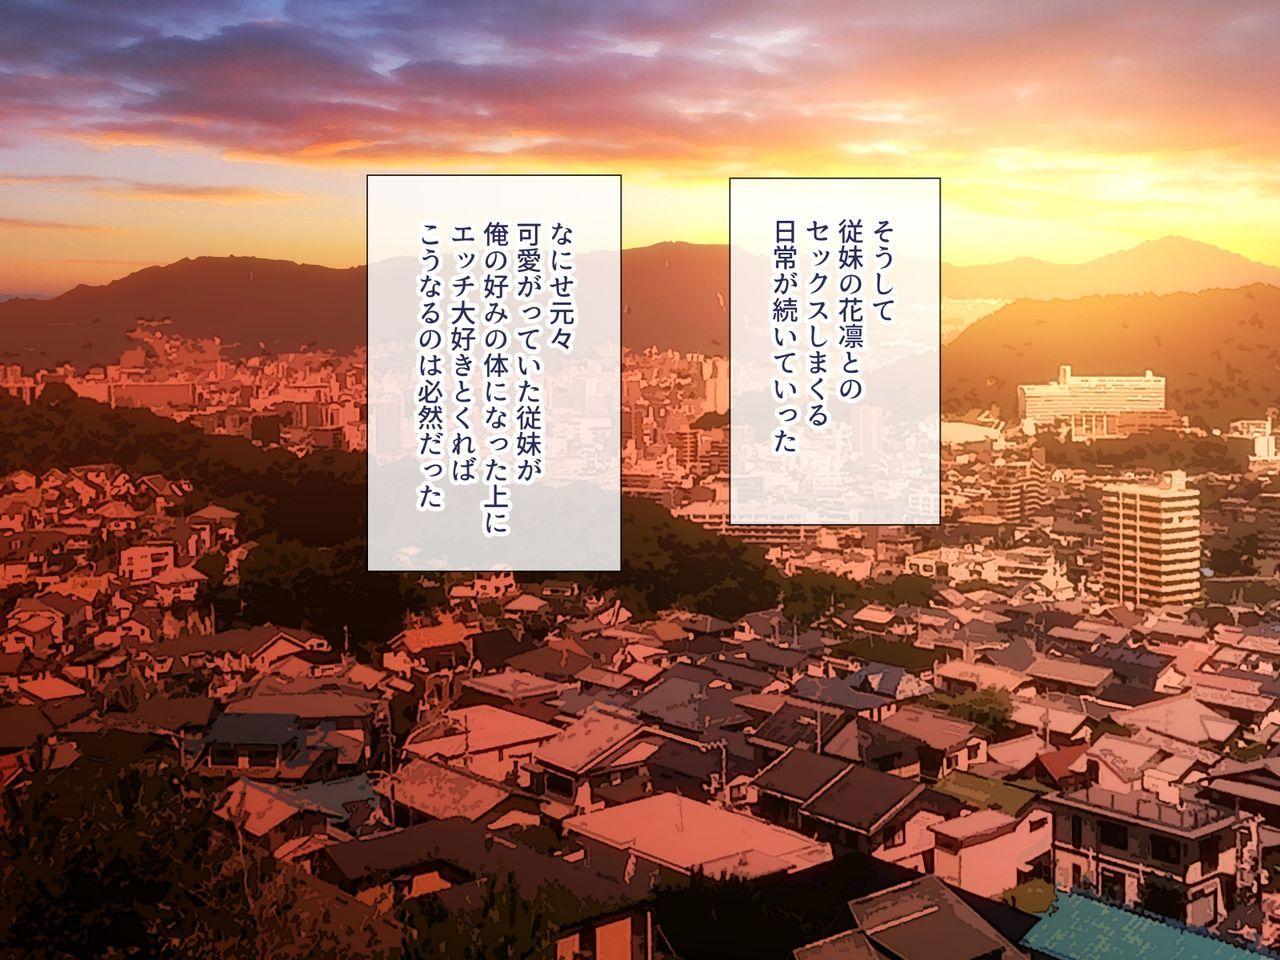 Uchiki na Jyumai ga Ore no Tame ni Karada o Kitaeta Kekka 55